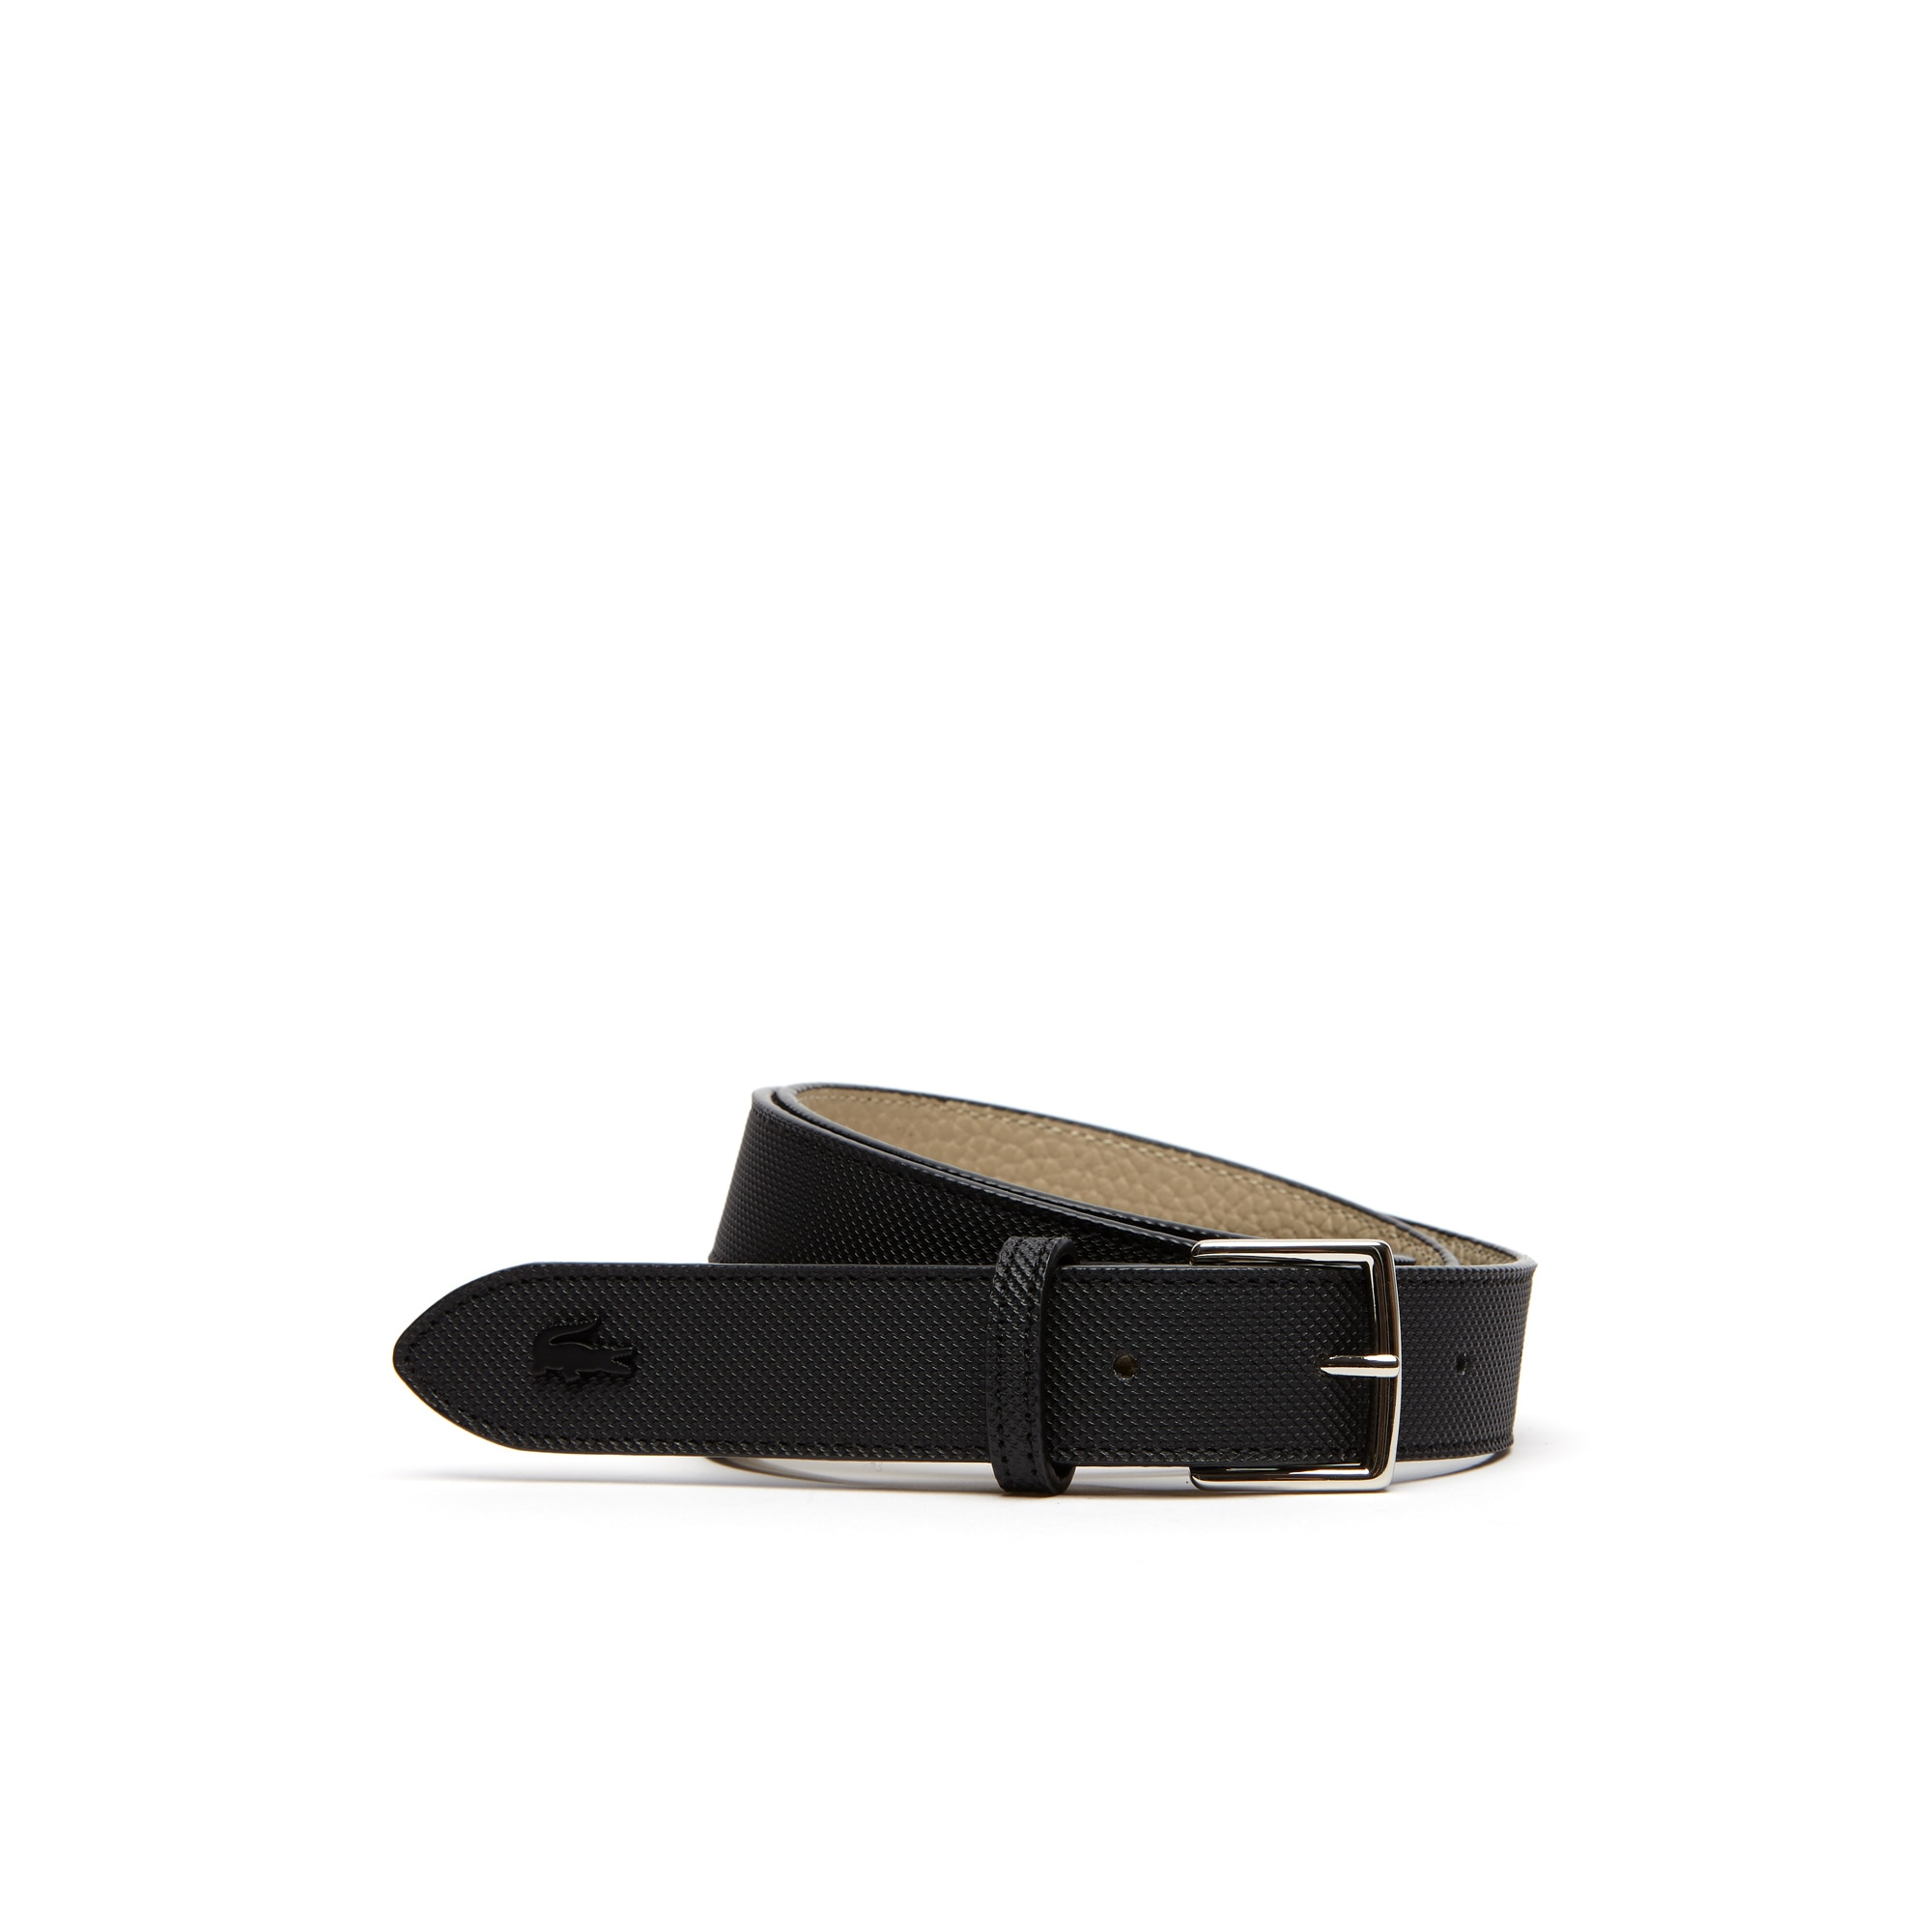 eccezionale gamma di colori stile alla moda speciale per scarpa Cintura bicolore Anna double face con fibbia ad ardiglione ...